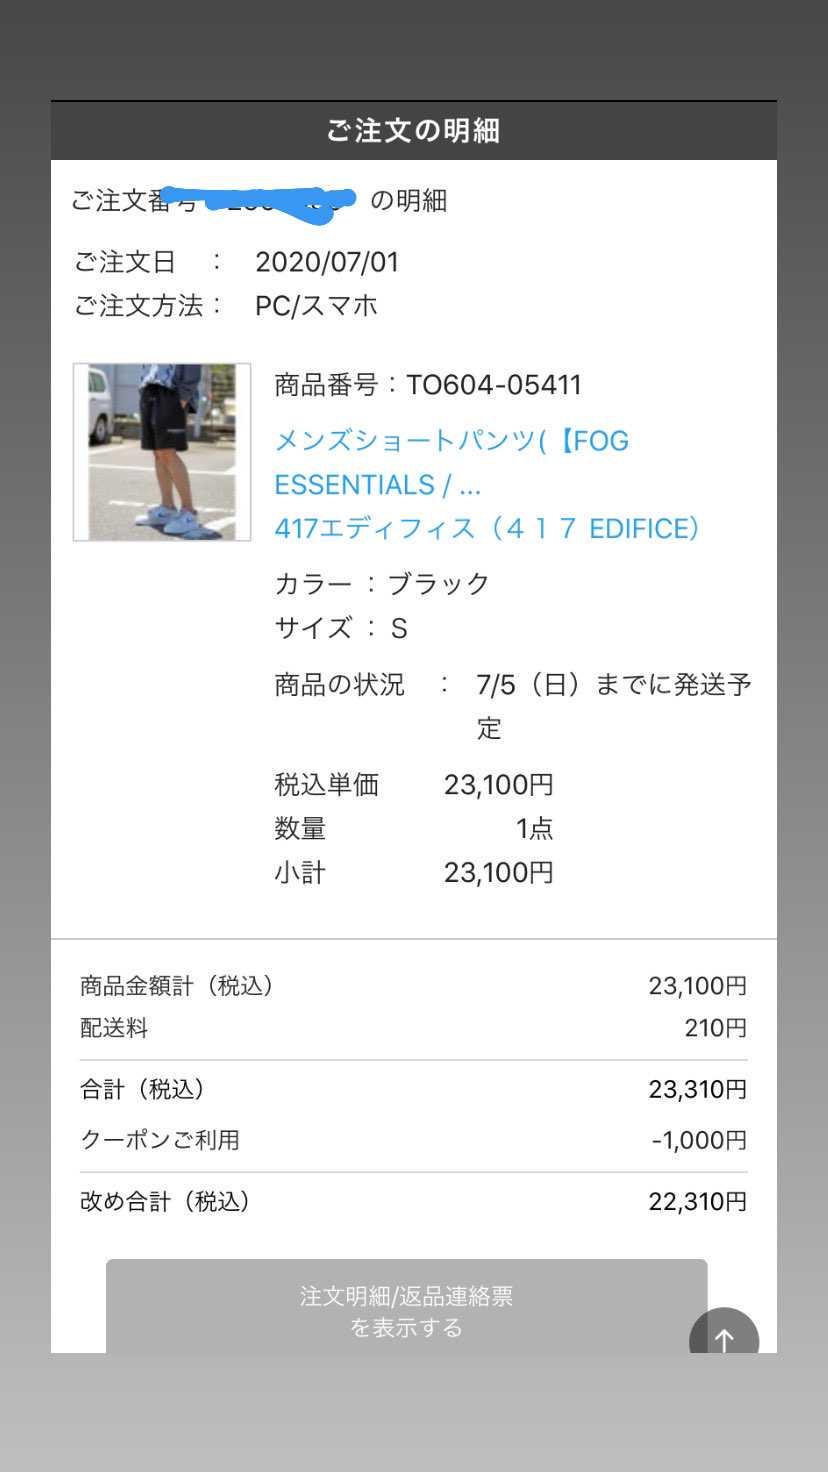 遂にFOGデビュー〜